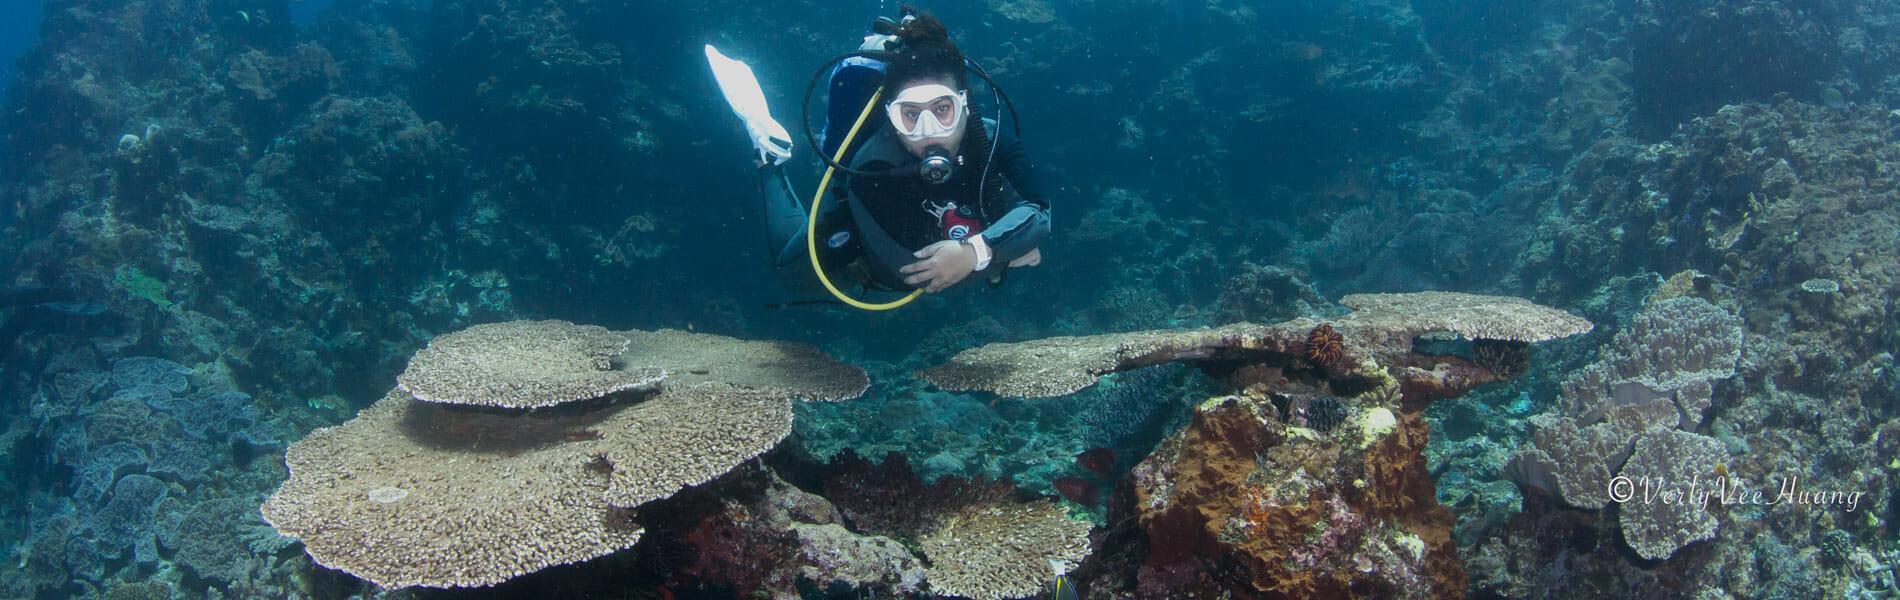 Diving in Bali - Gili Mimpang